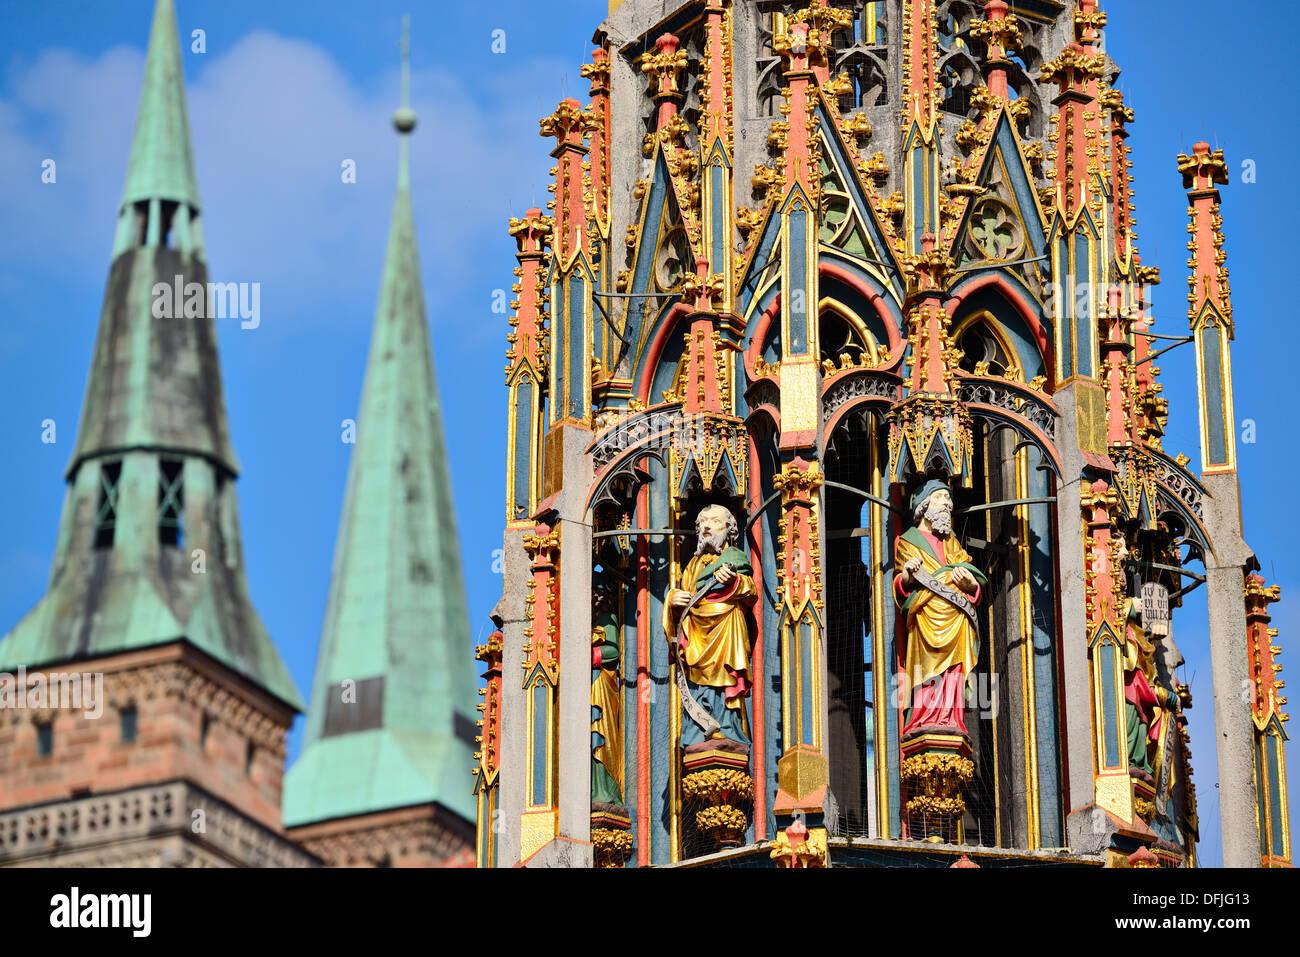 Detail des schönen Brunnens in Nürnberg. Stockbild